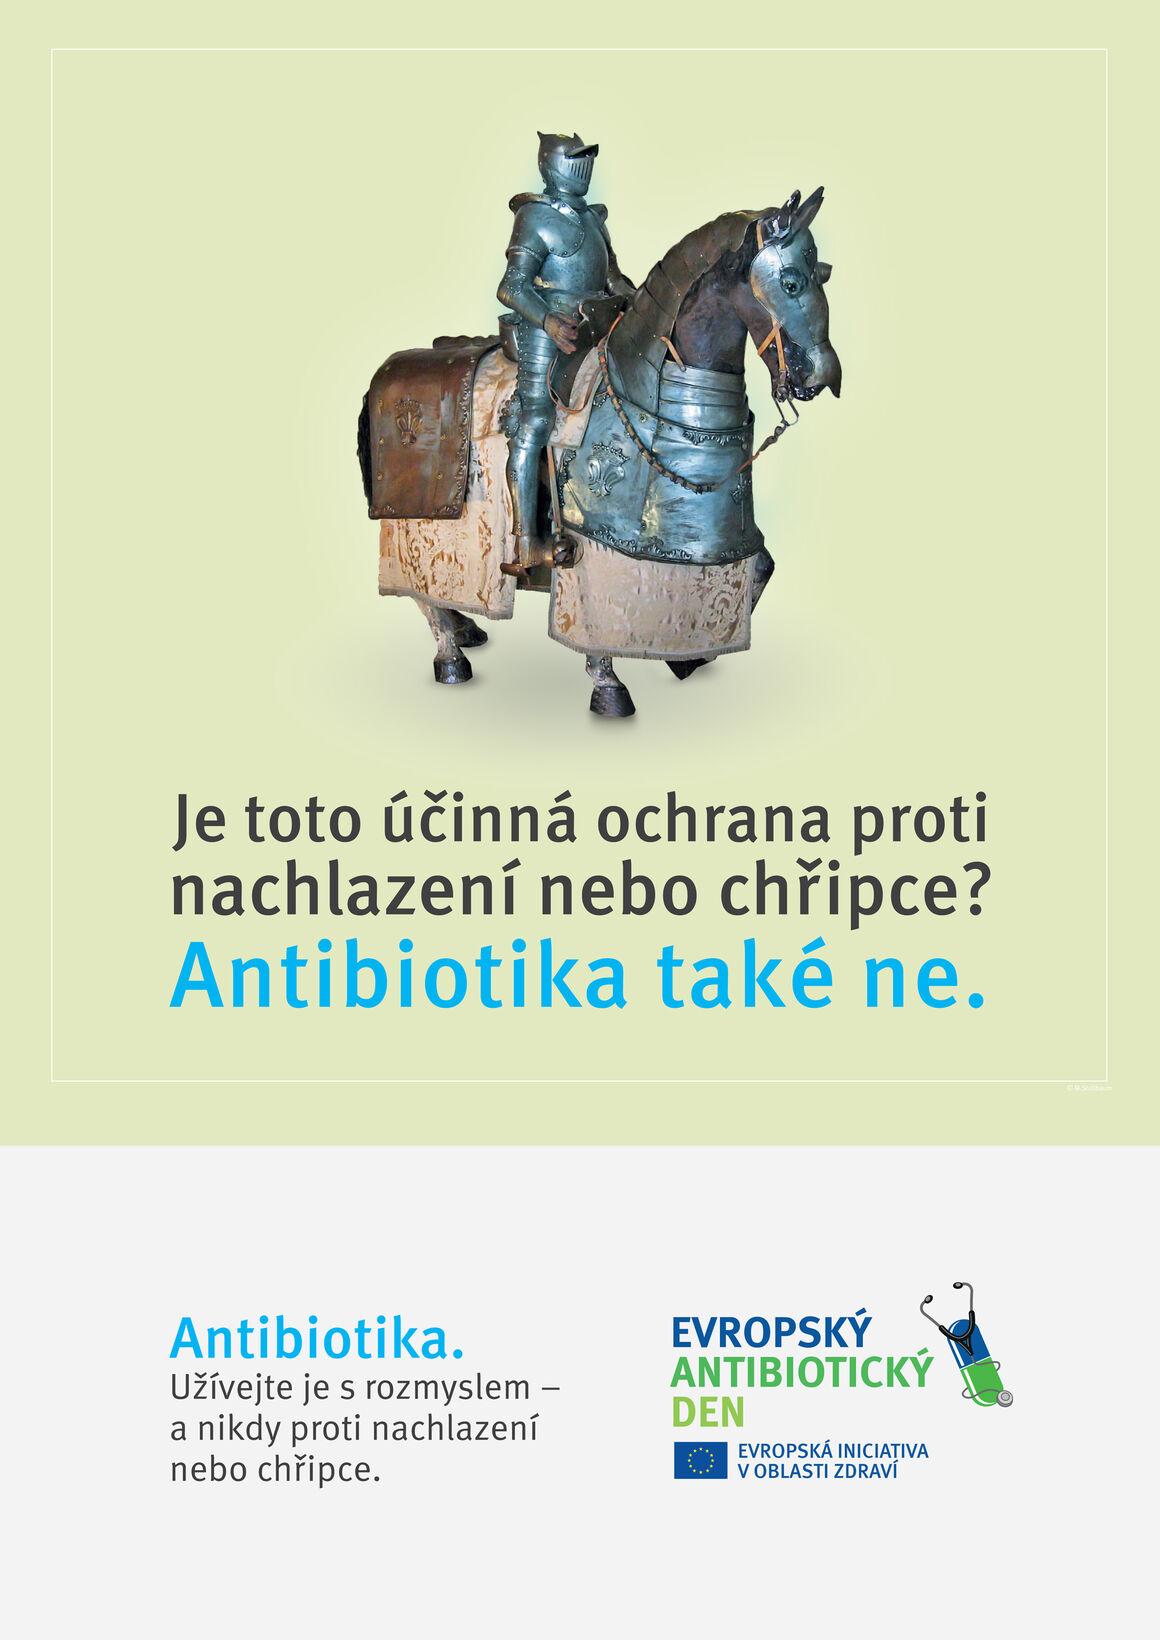 Plakáty: Je toto účinná ochrana proti nachlazení nebo chřipce? Antibiotika také ne.